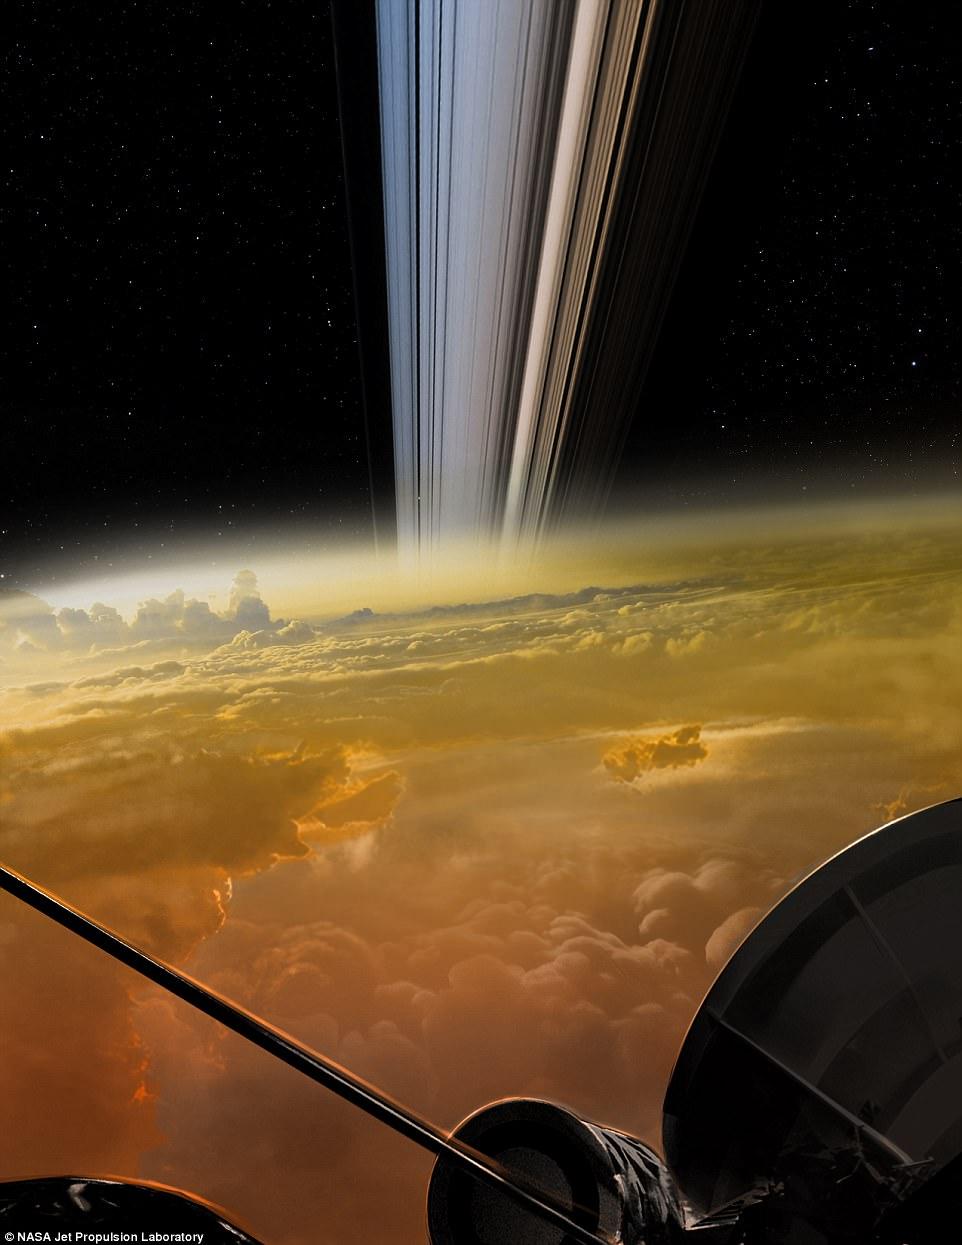 """Âm thanh kỳ lạ tàu vũ trụ NASA thu được từ """"cõi chết"""" - 3"""